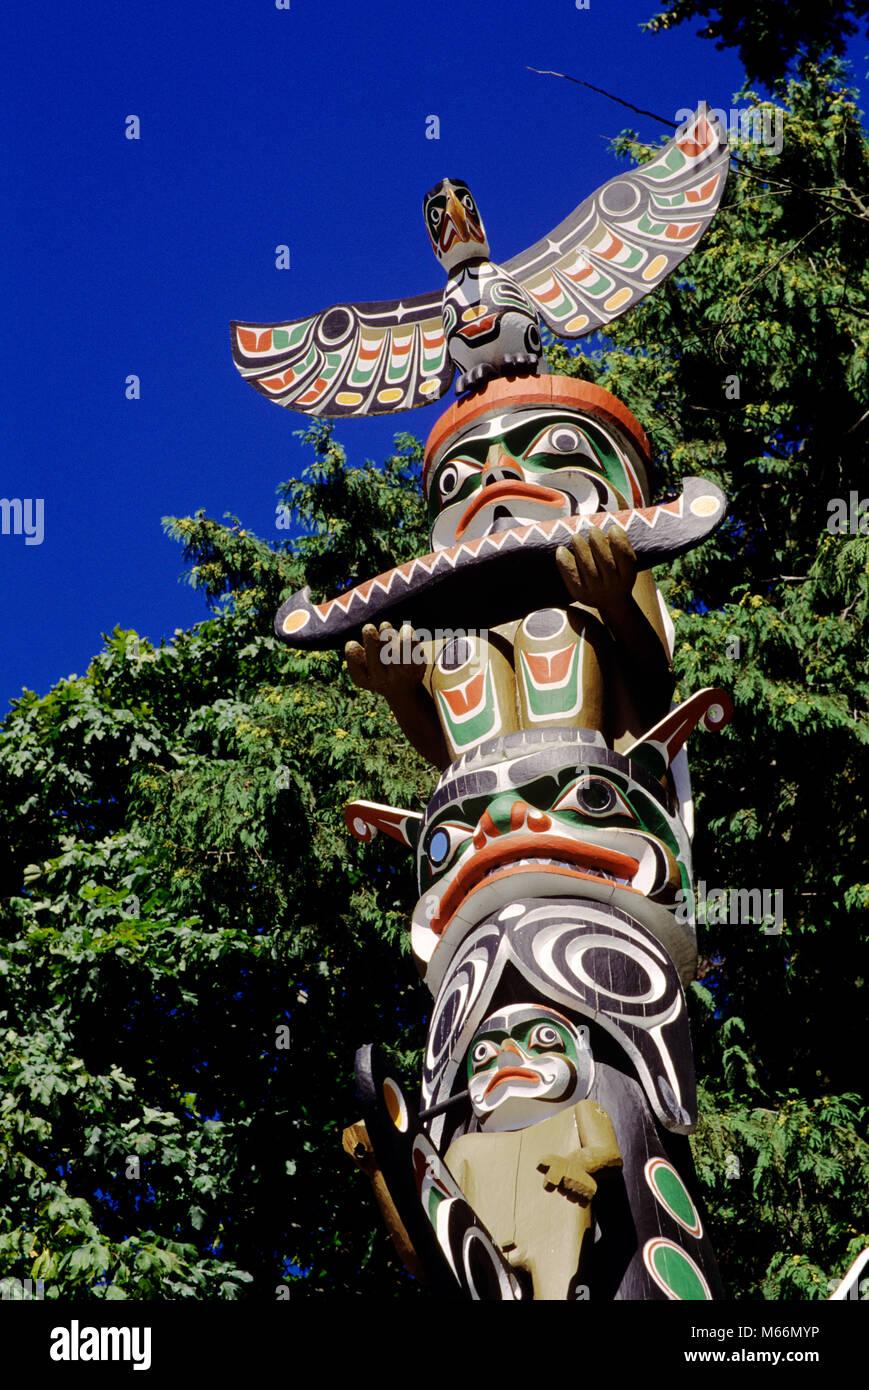 Années 1990, TOTEM, au parc Stanley, VANCOUVER BRITISH COLUMBIA CANADA - KR104076 KRU001 PEINT CRÉATIVITÉ Photo Stock